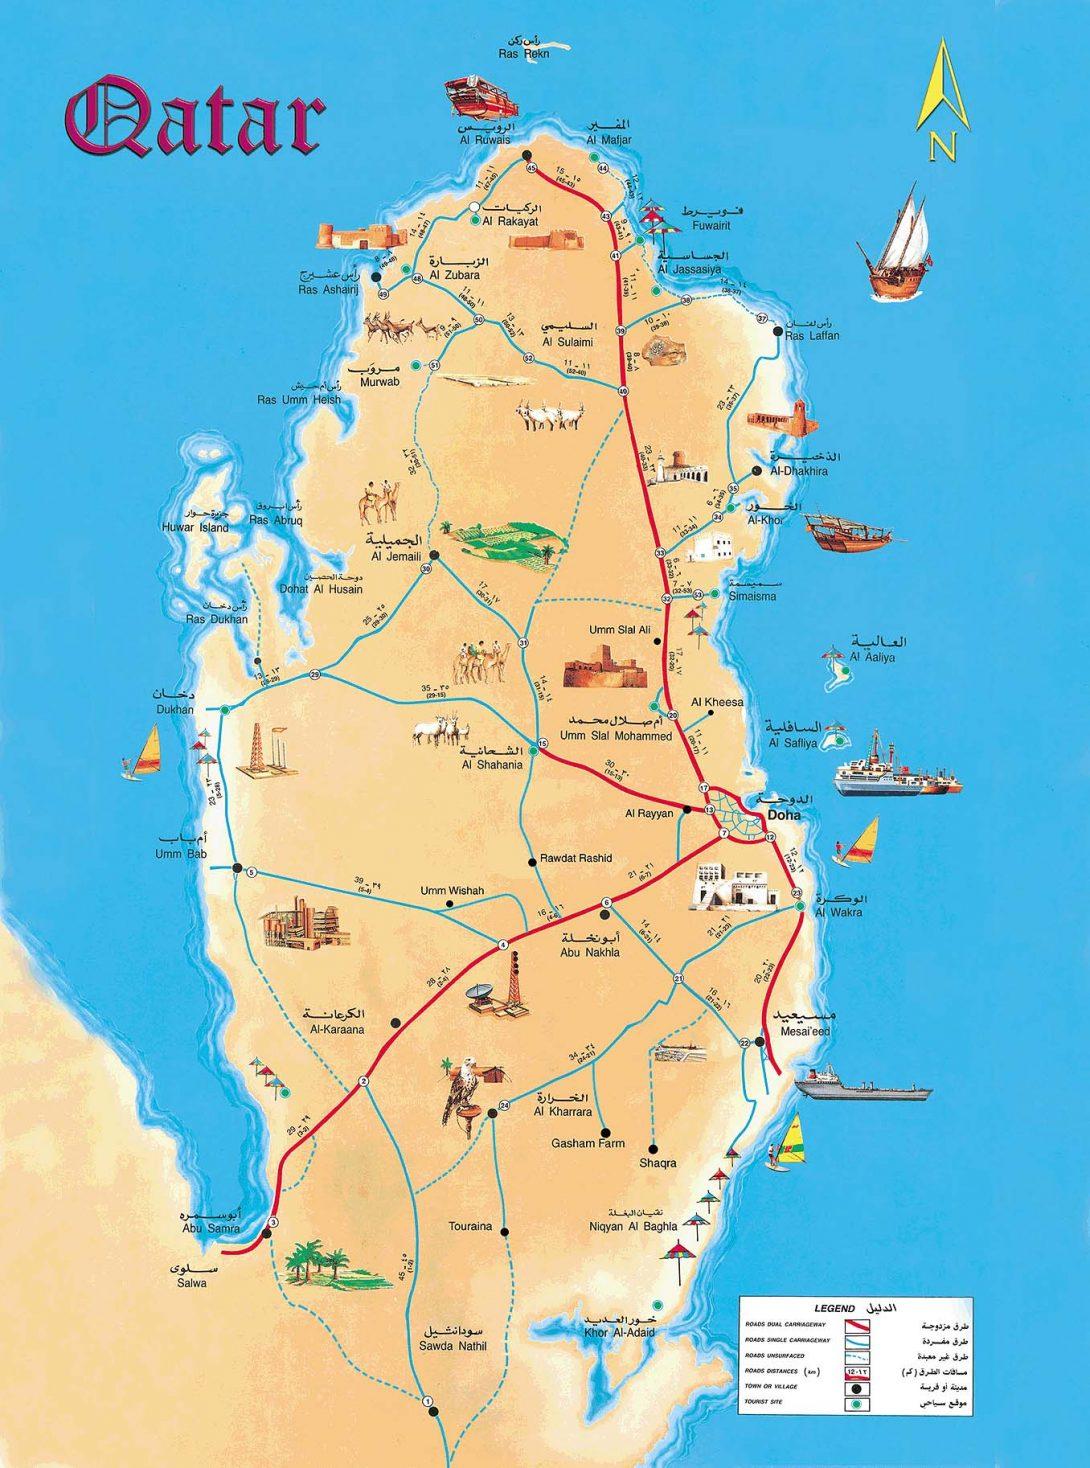 qatarmap